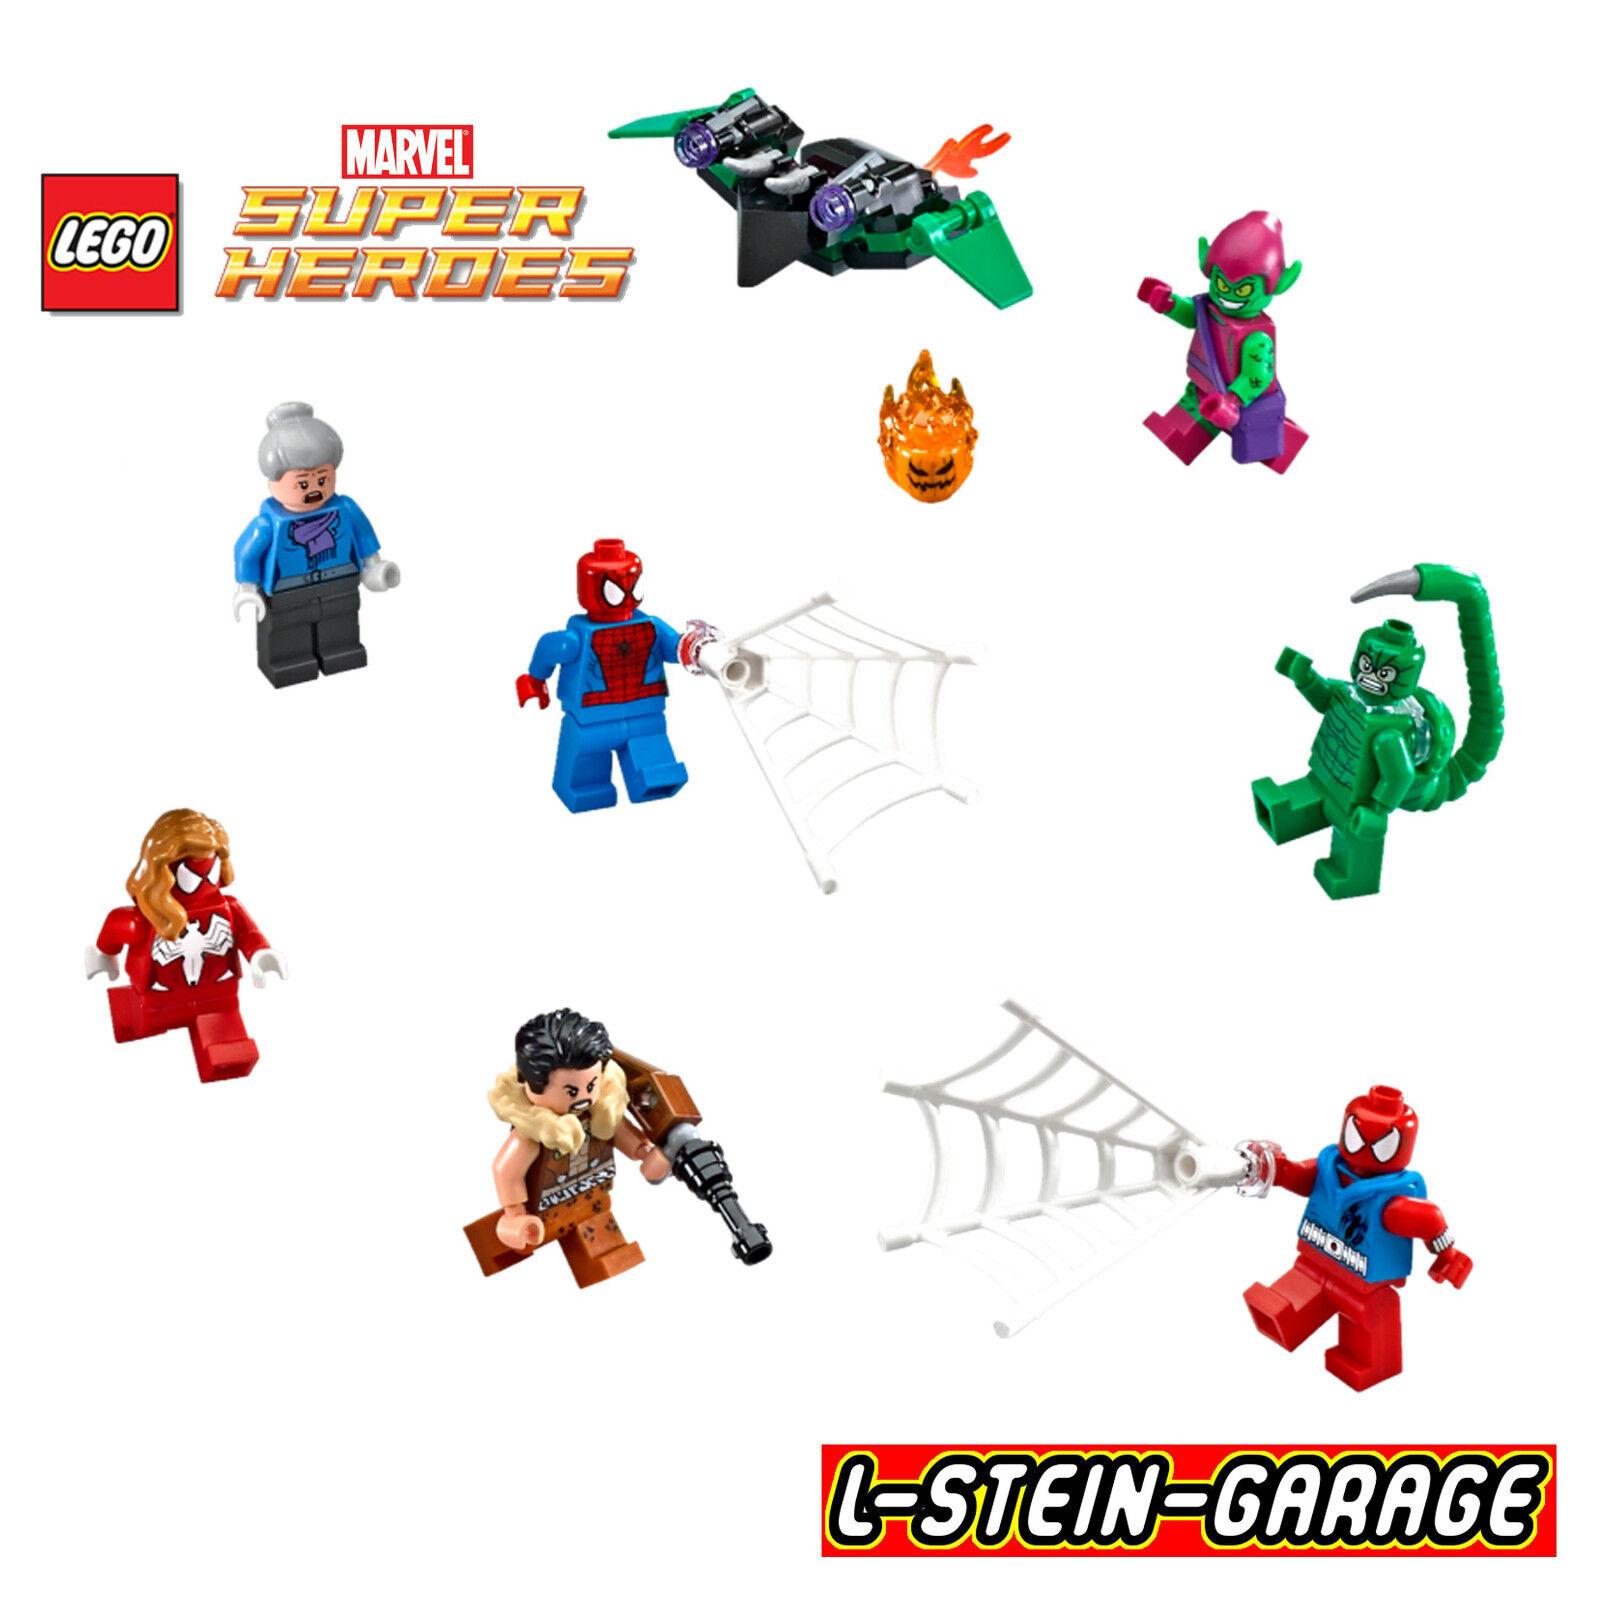 LEGO® Super Heroes Figuren aus Set 76057 beinhalten die 7 Figuren + Gleiter NEU